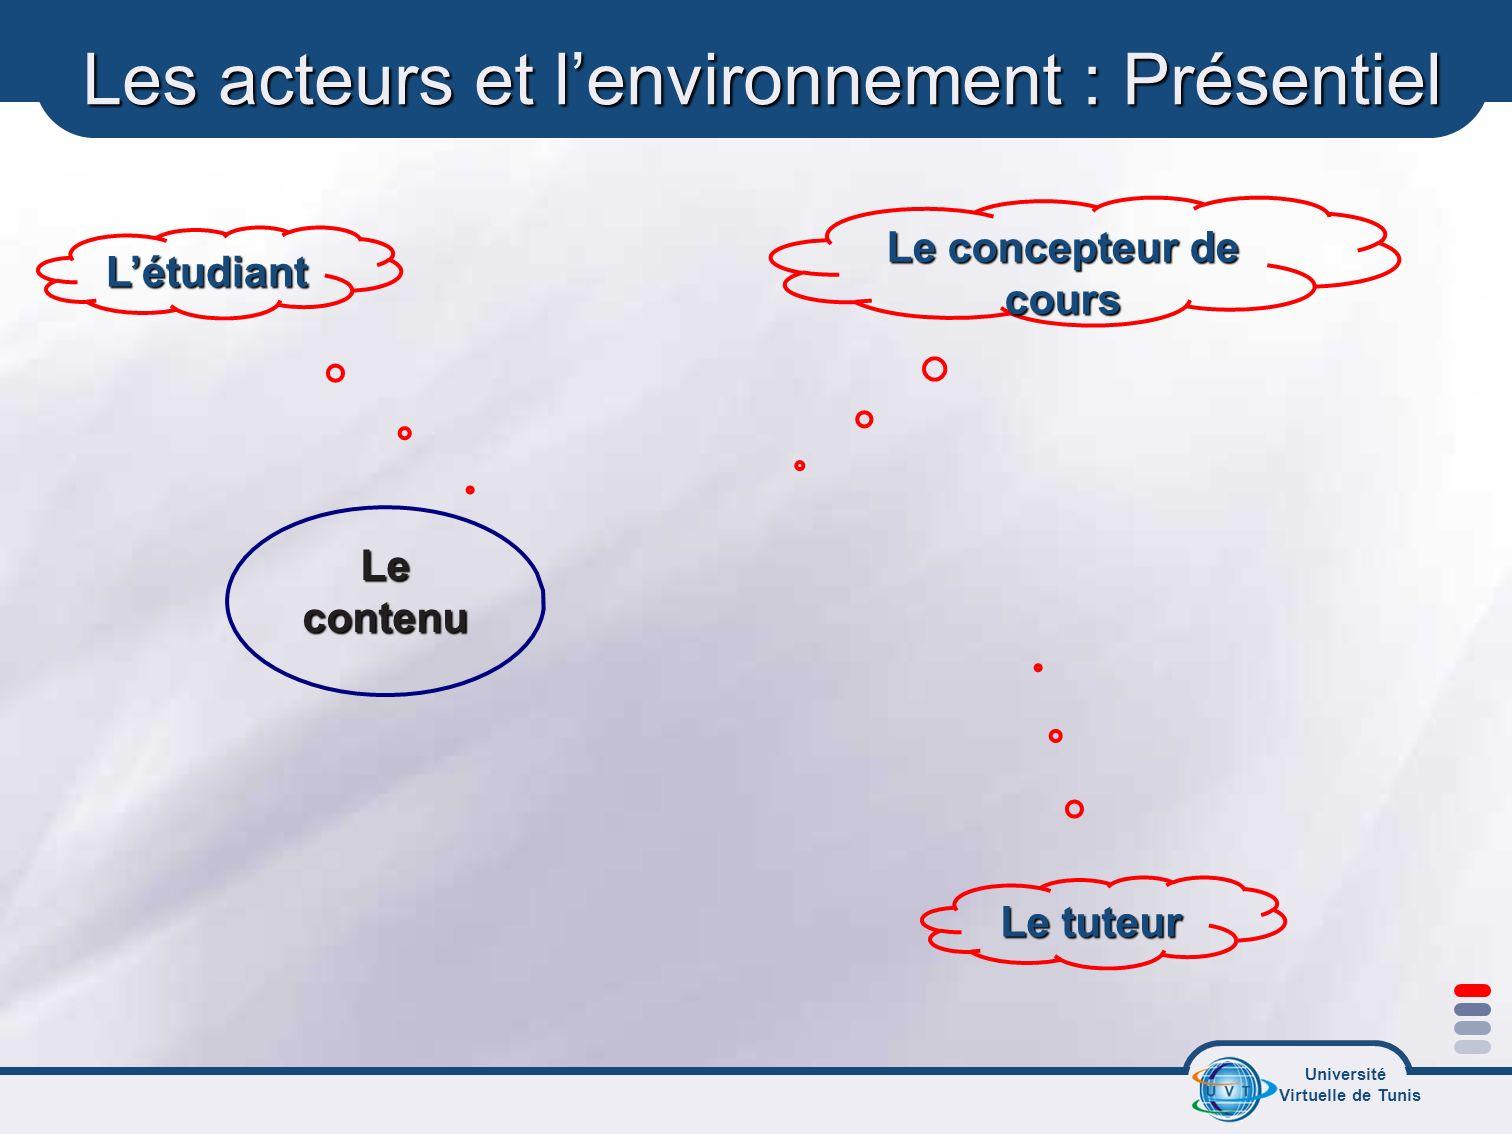 Les acteurs et l'environnement : Présentiel